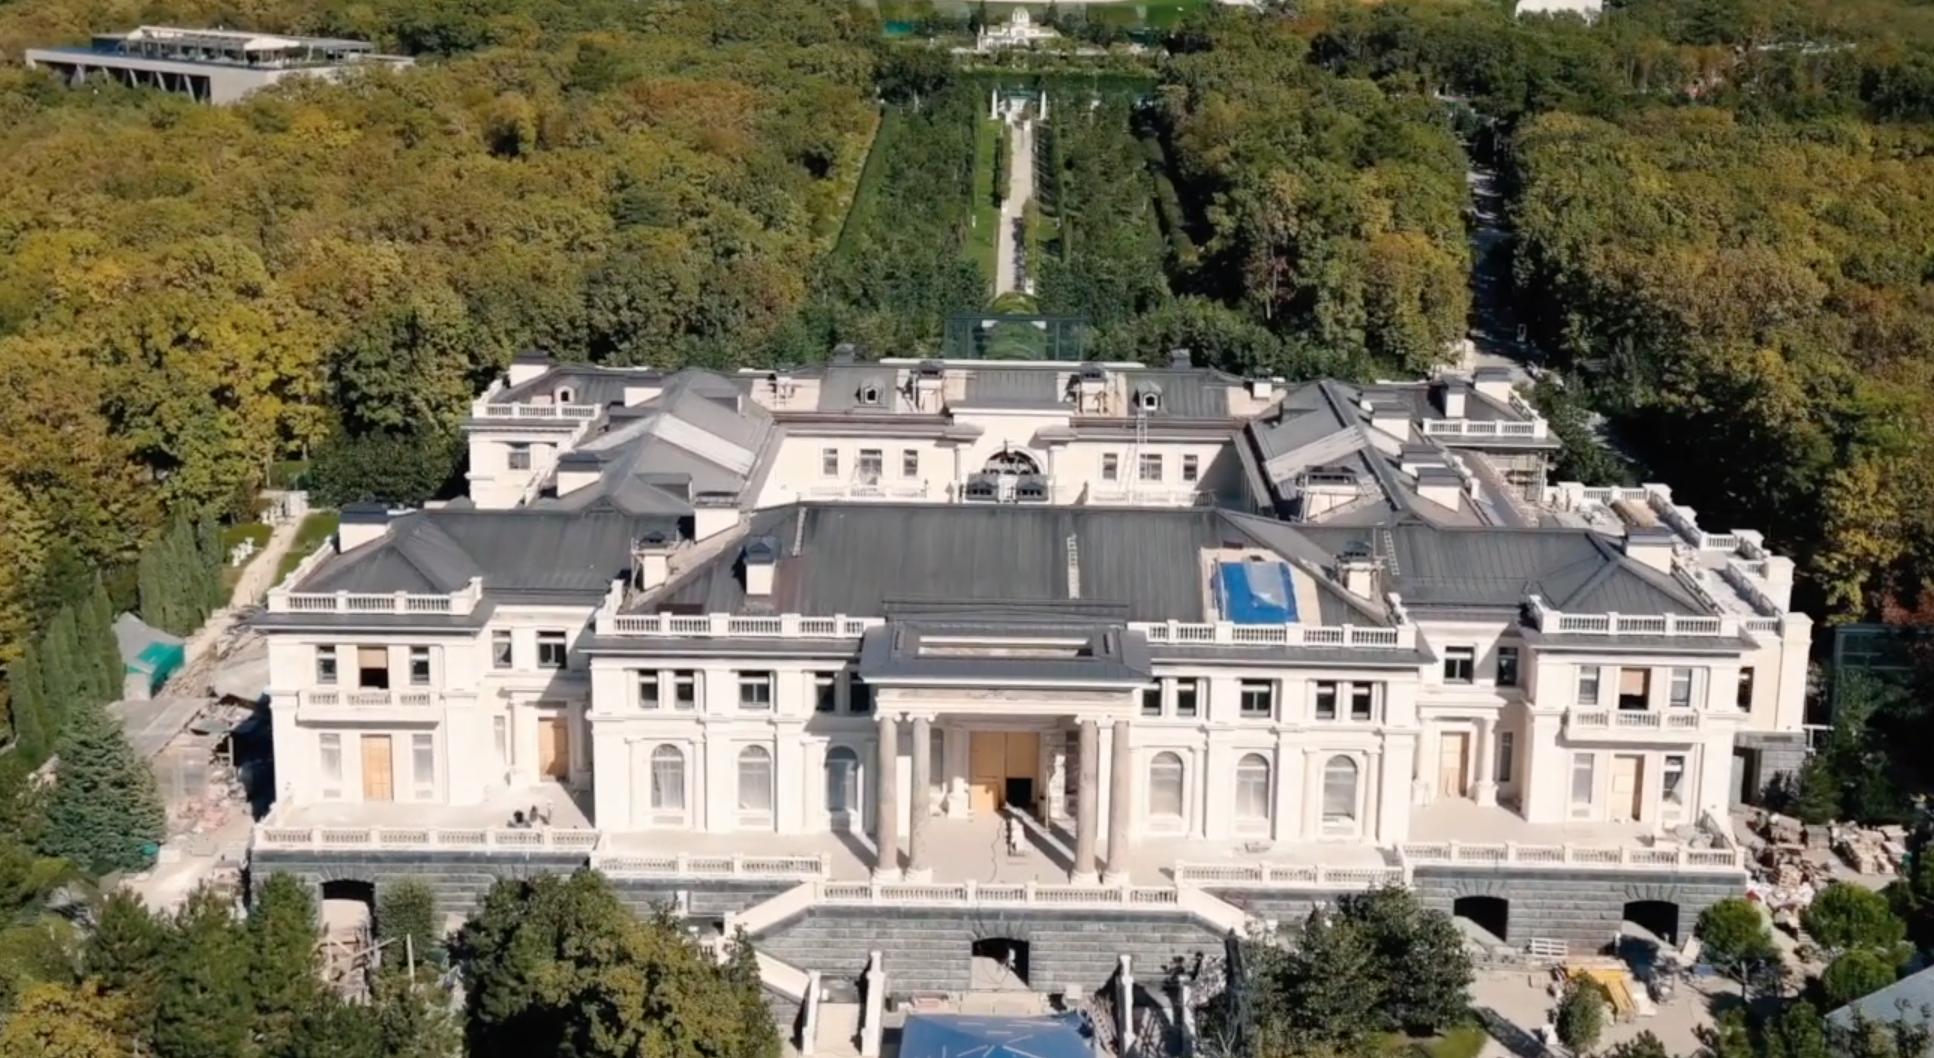 Дворец Путина – новое расследование ФБК и Навального – видео - новости  Украины, Мир - LIGA.net